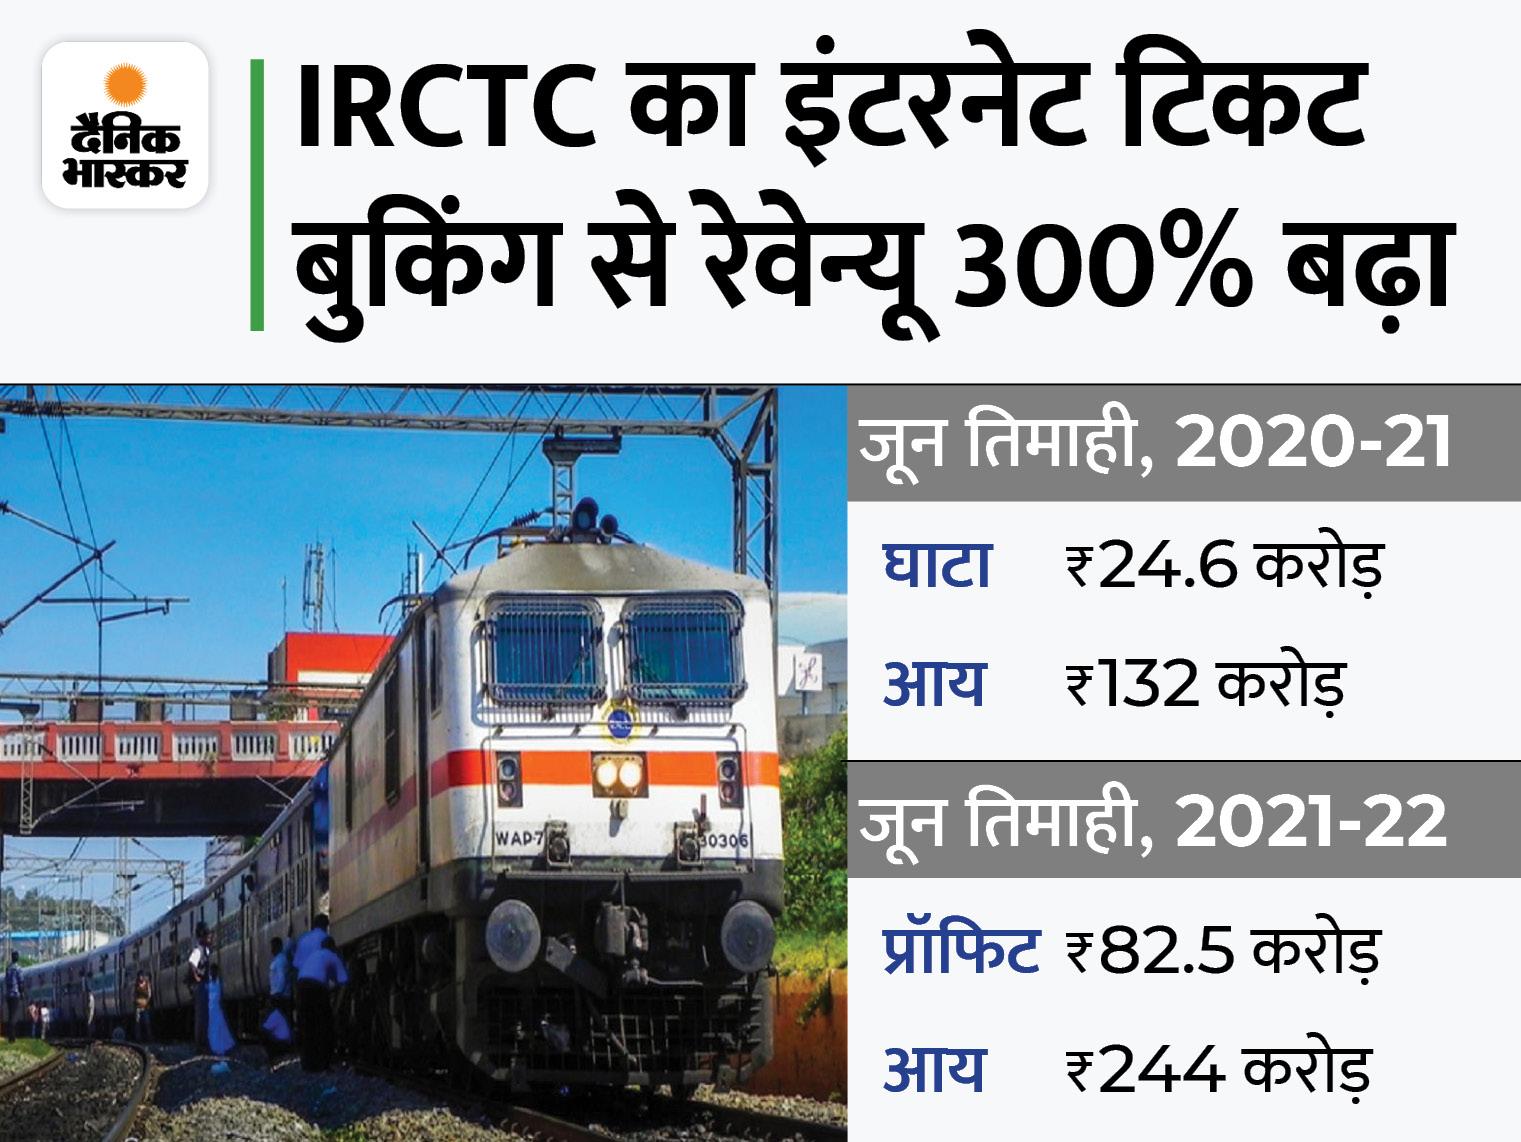 जून तिमाही में 82.5 करोड़ का मुनाफा, आय में 84.8% का इजाफा बिजनेस,Business - Dainik Bhaskar